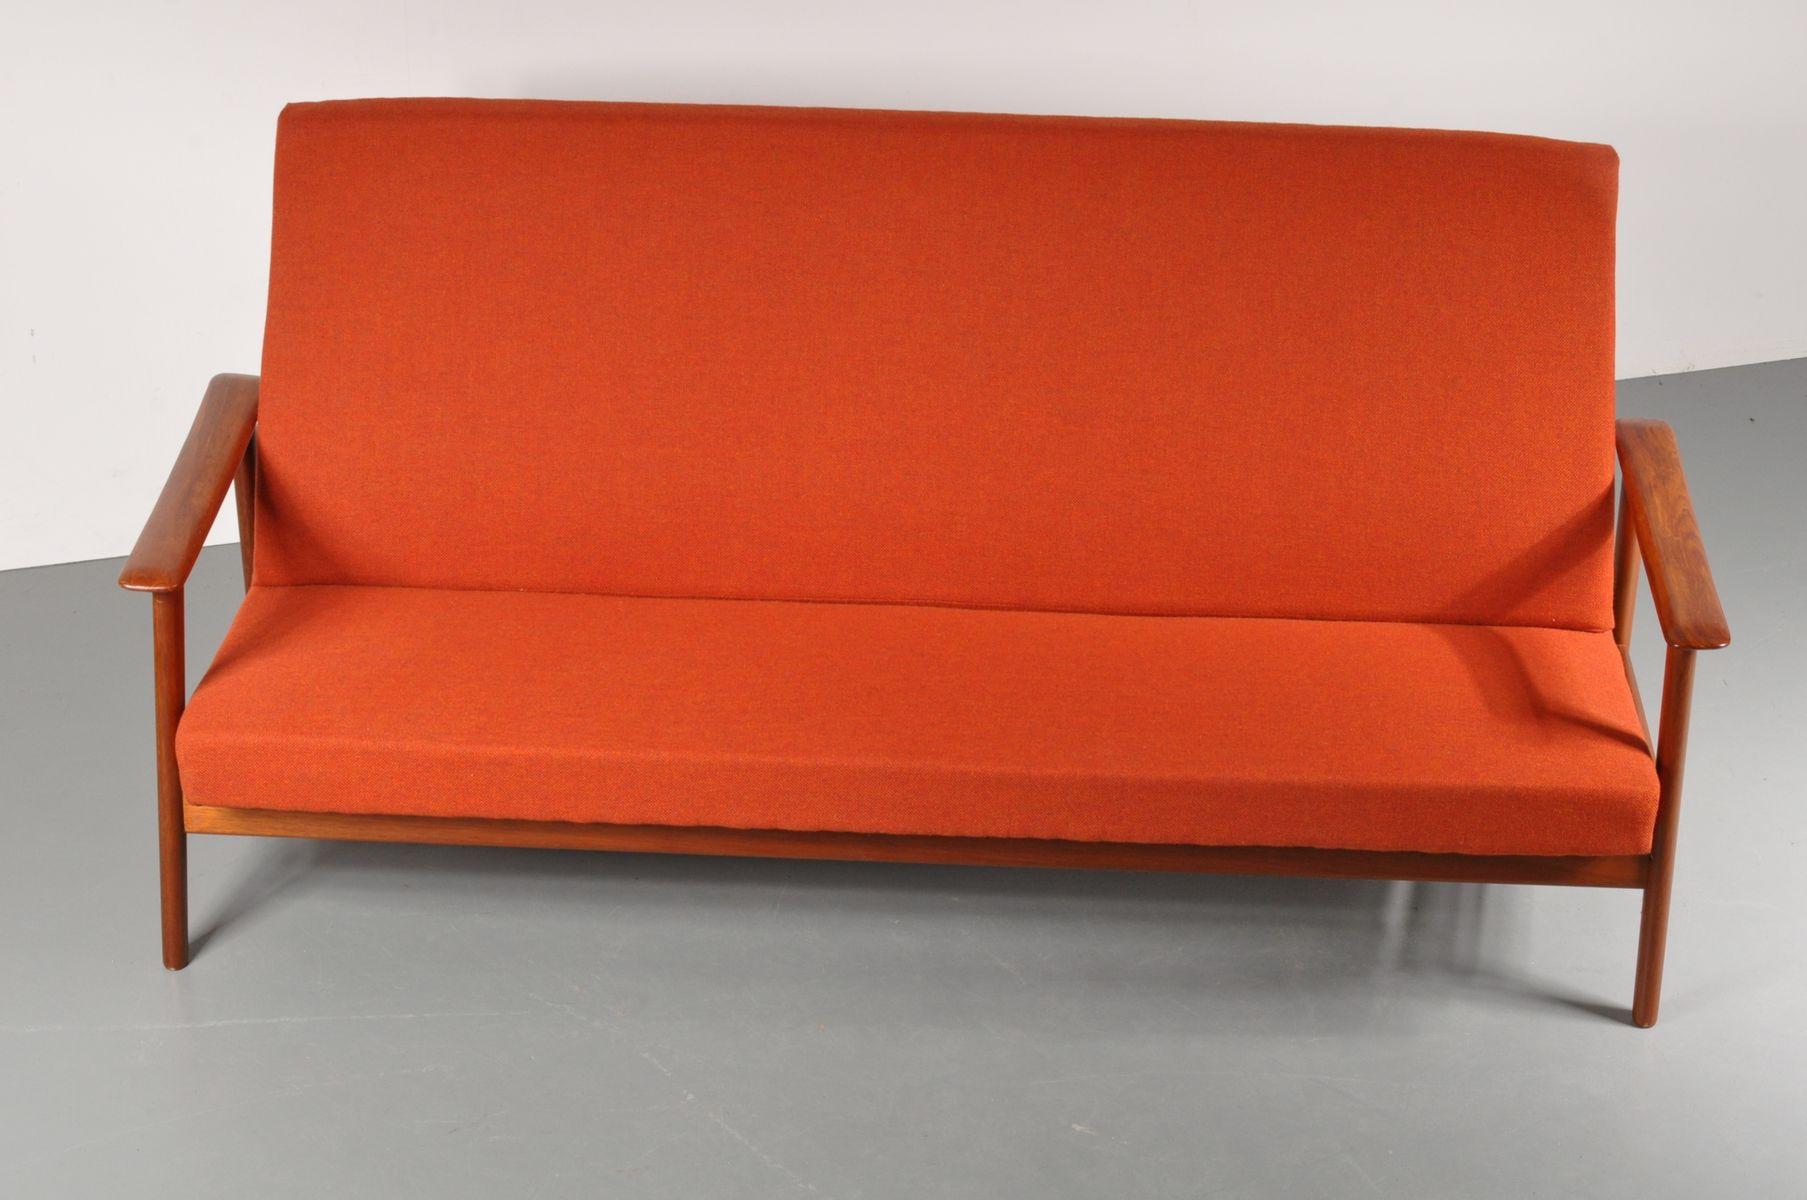 skandinavisches drei sitzer sofa 1950er bei pamono kaufen. Black Bedroom Furniture Sets. Home Design Ideas